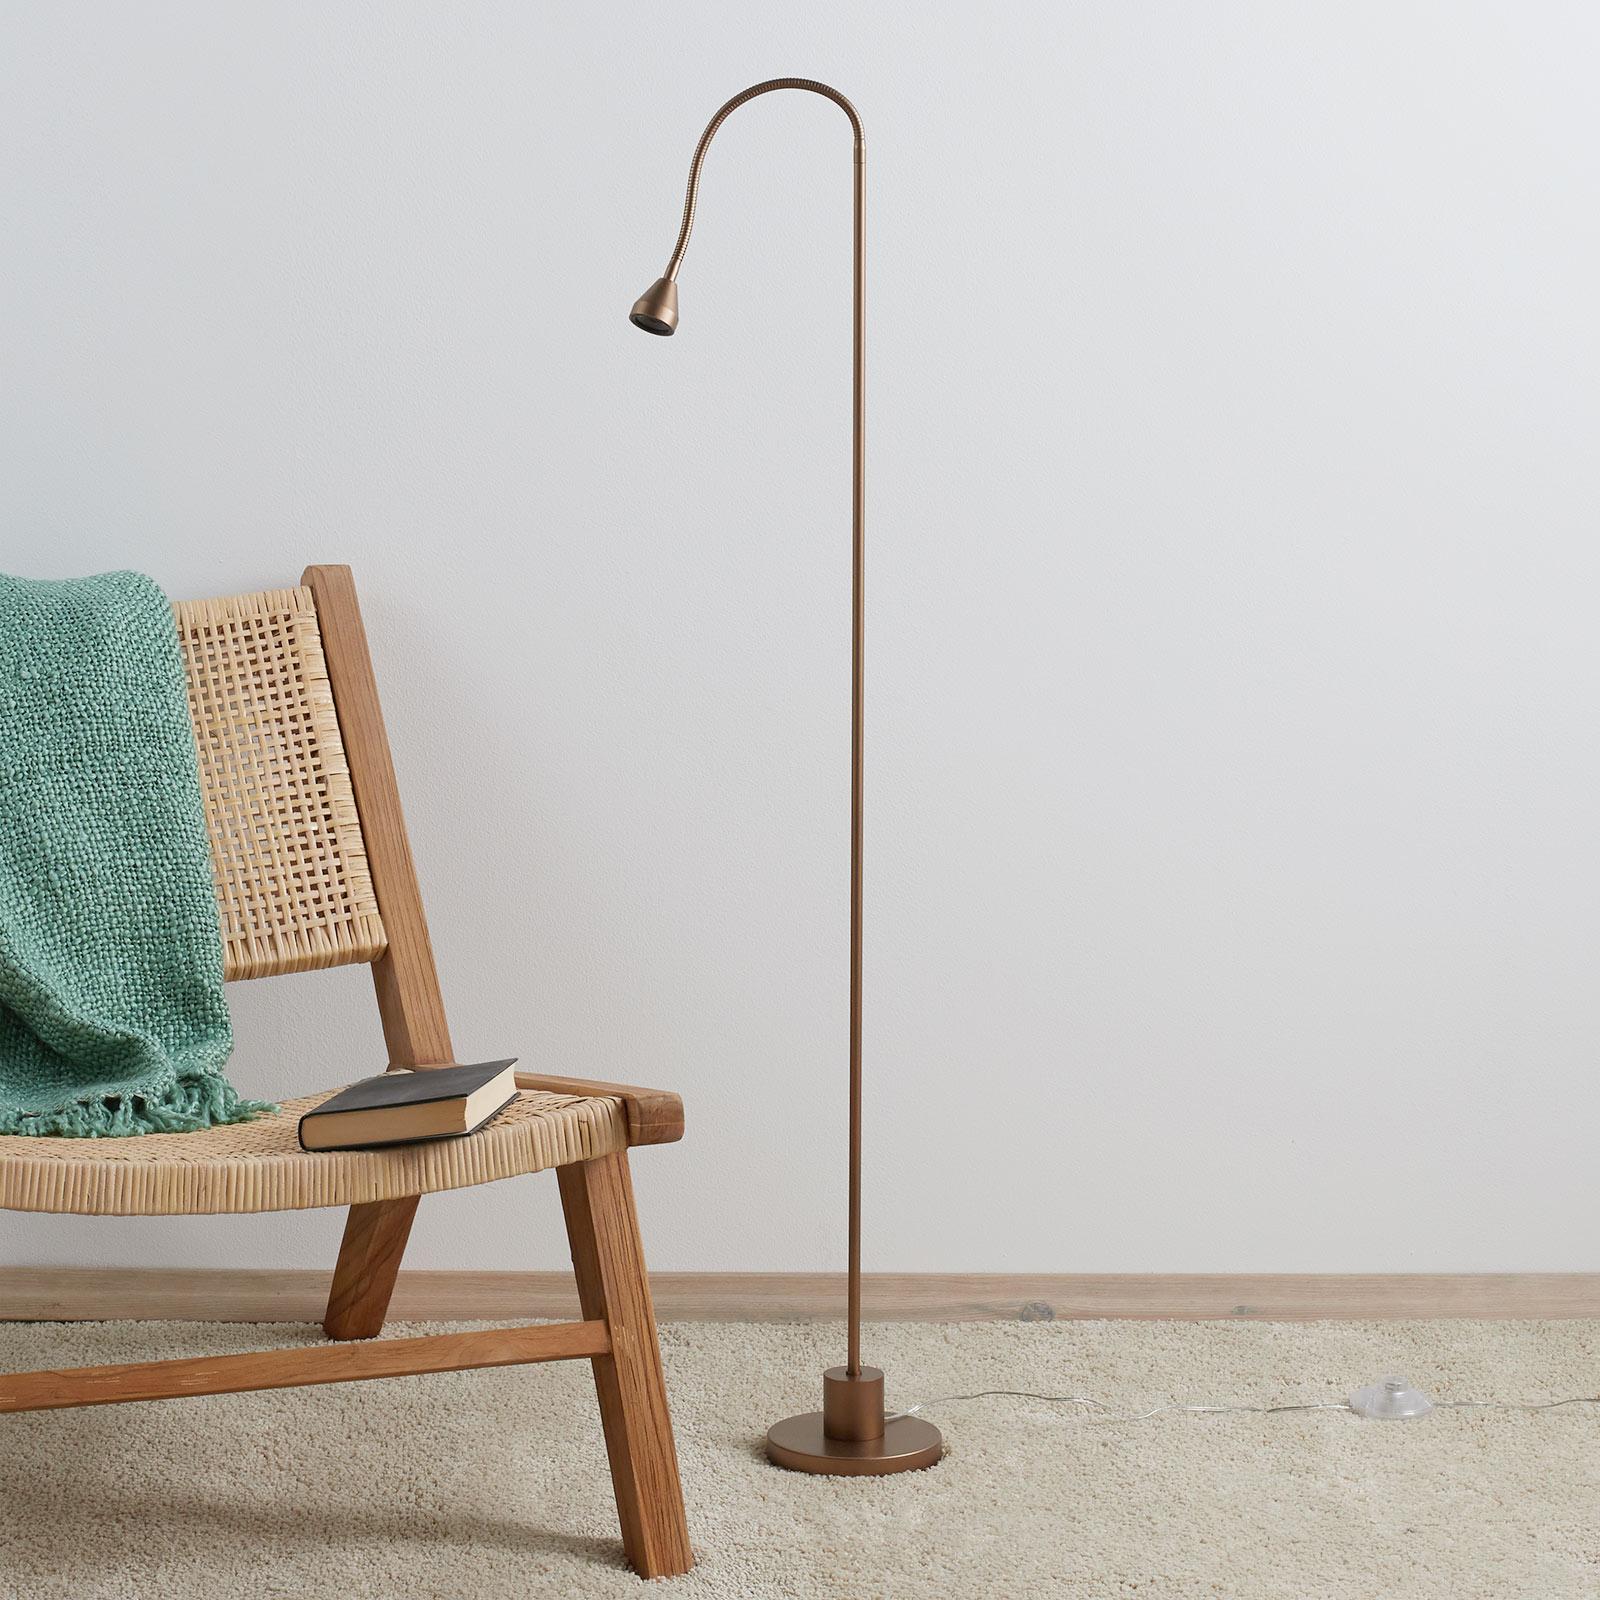 Minimalistisk MINI LED-standerlampe, antik